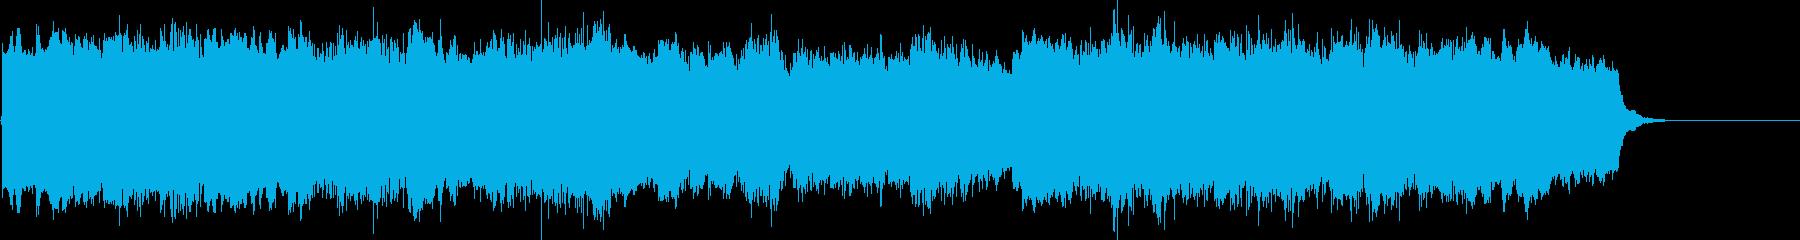 ゆったりとした短いBGMの再生済みの波形